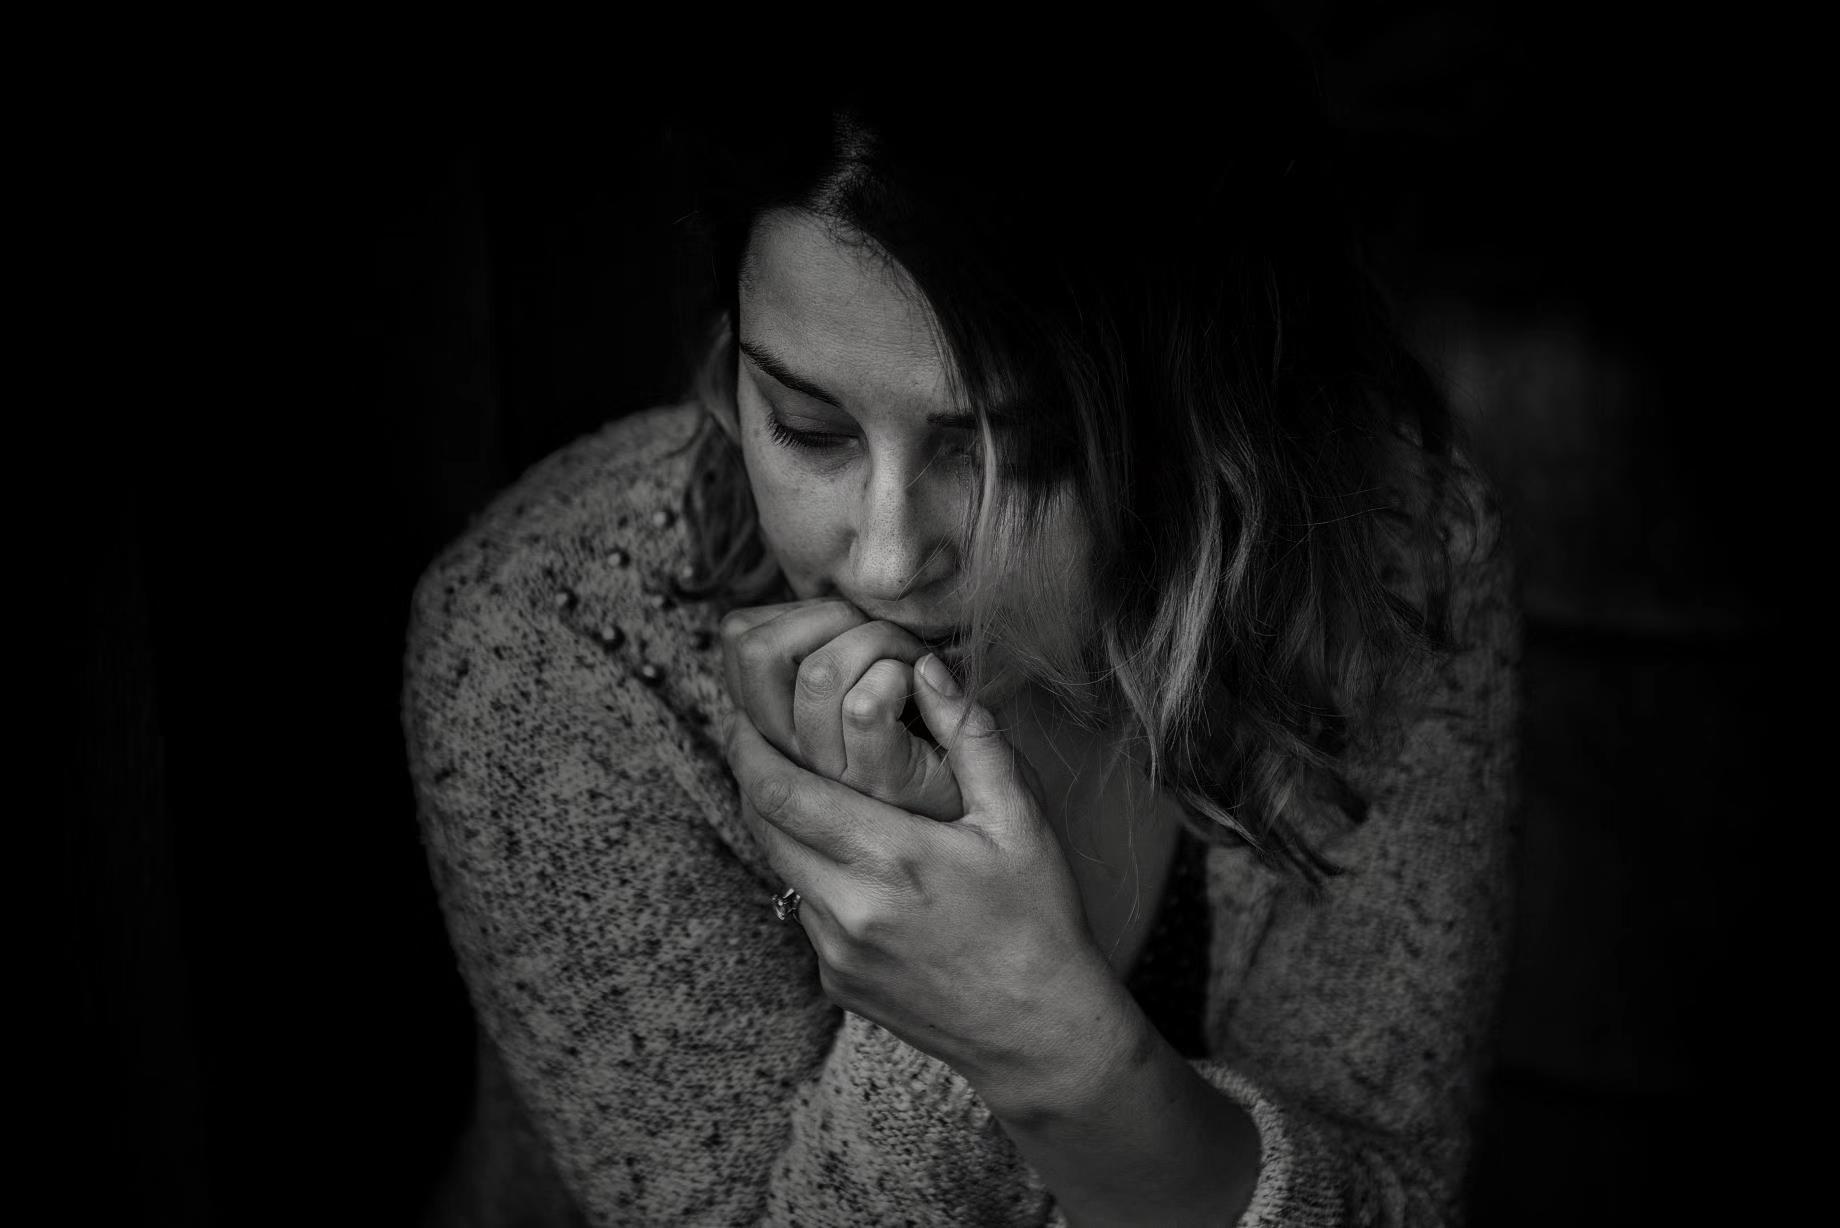 新冠疫情下消极情绪并没有那么糟糕,但要远离这五种行为